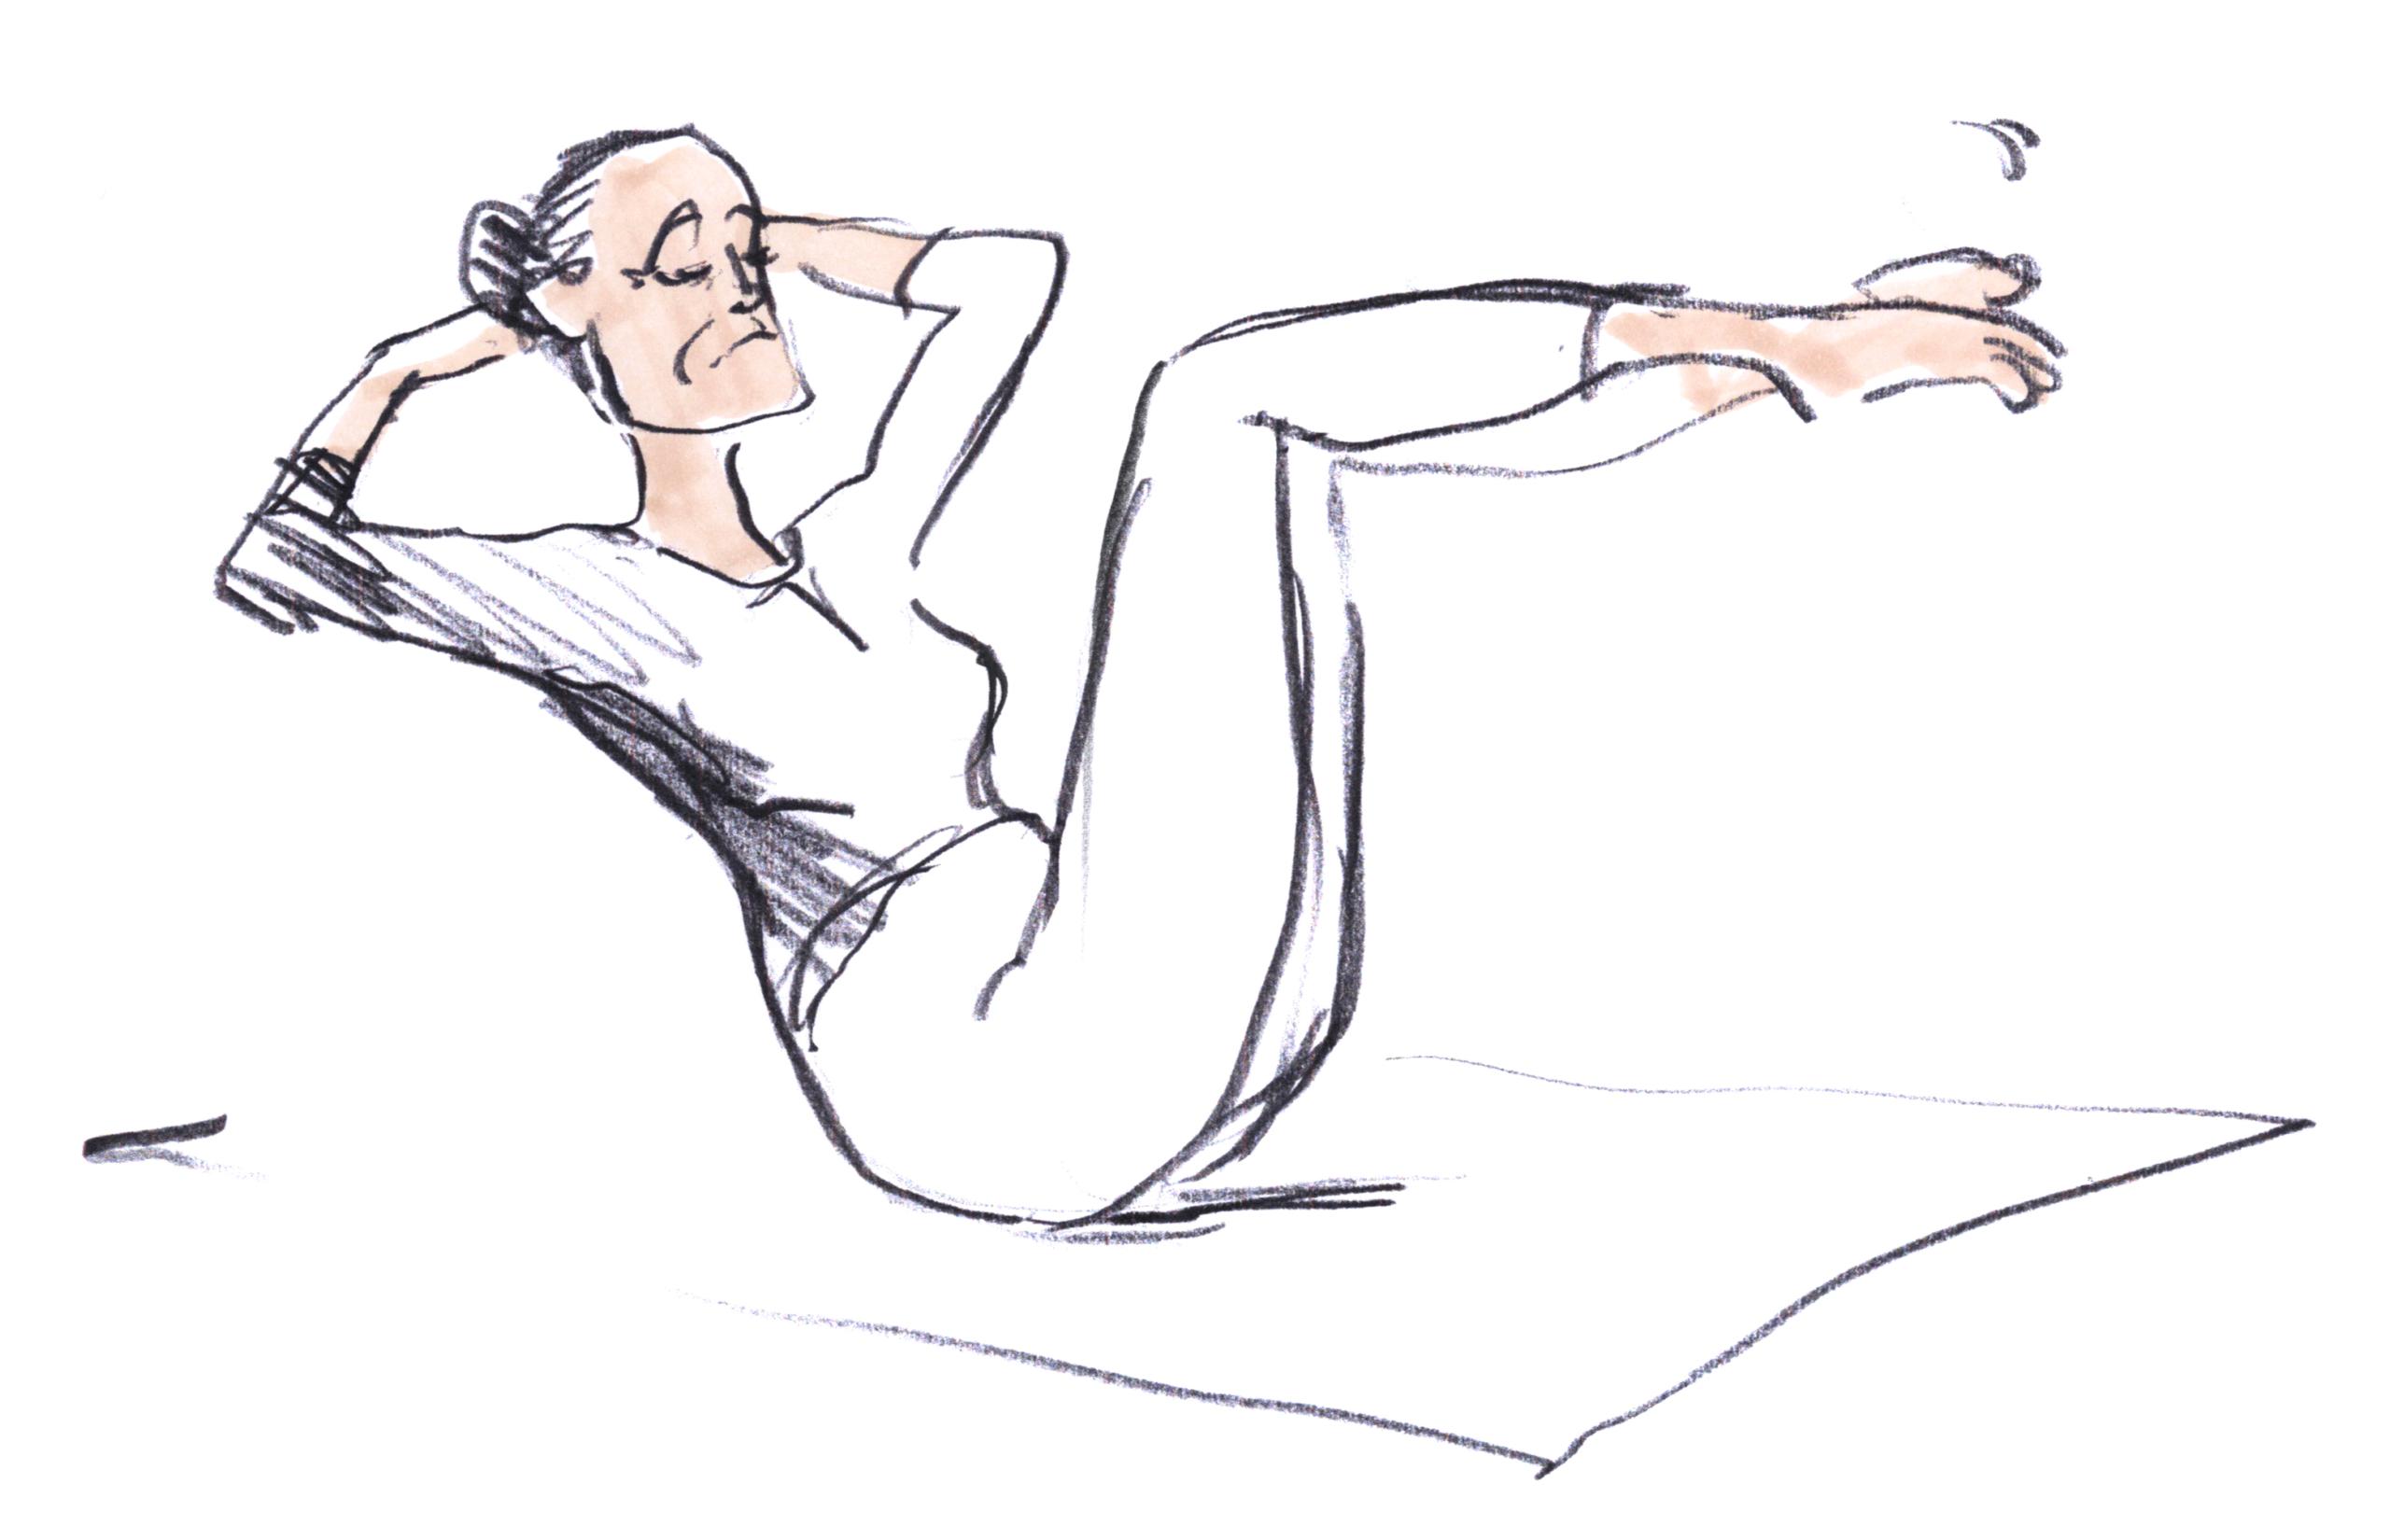 Lotte Heise: Må man elske sine rutiner